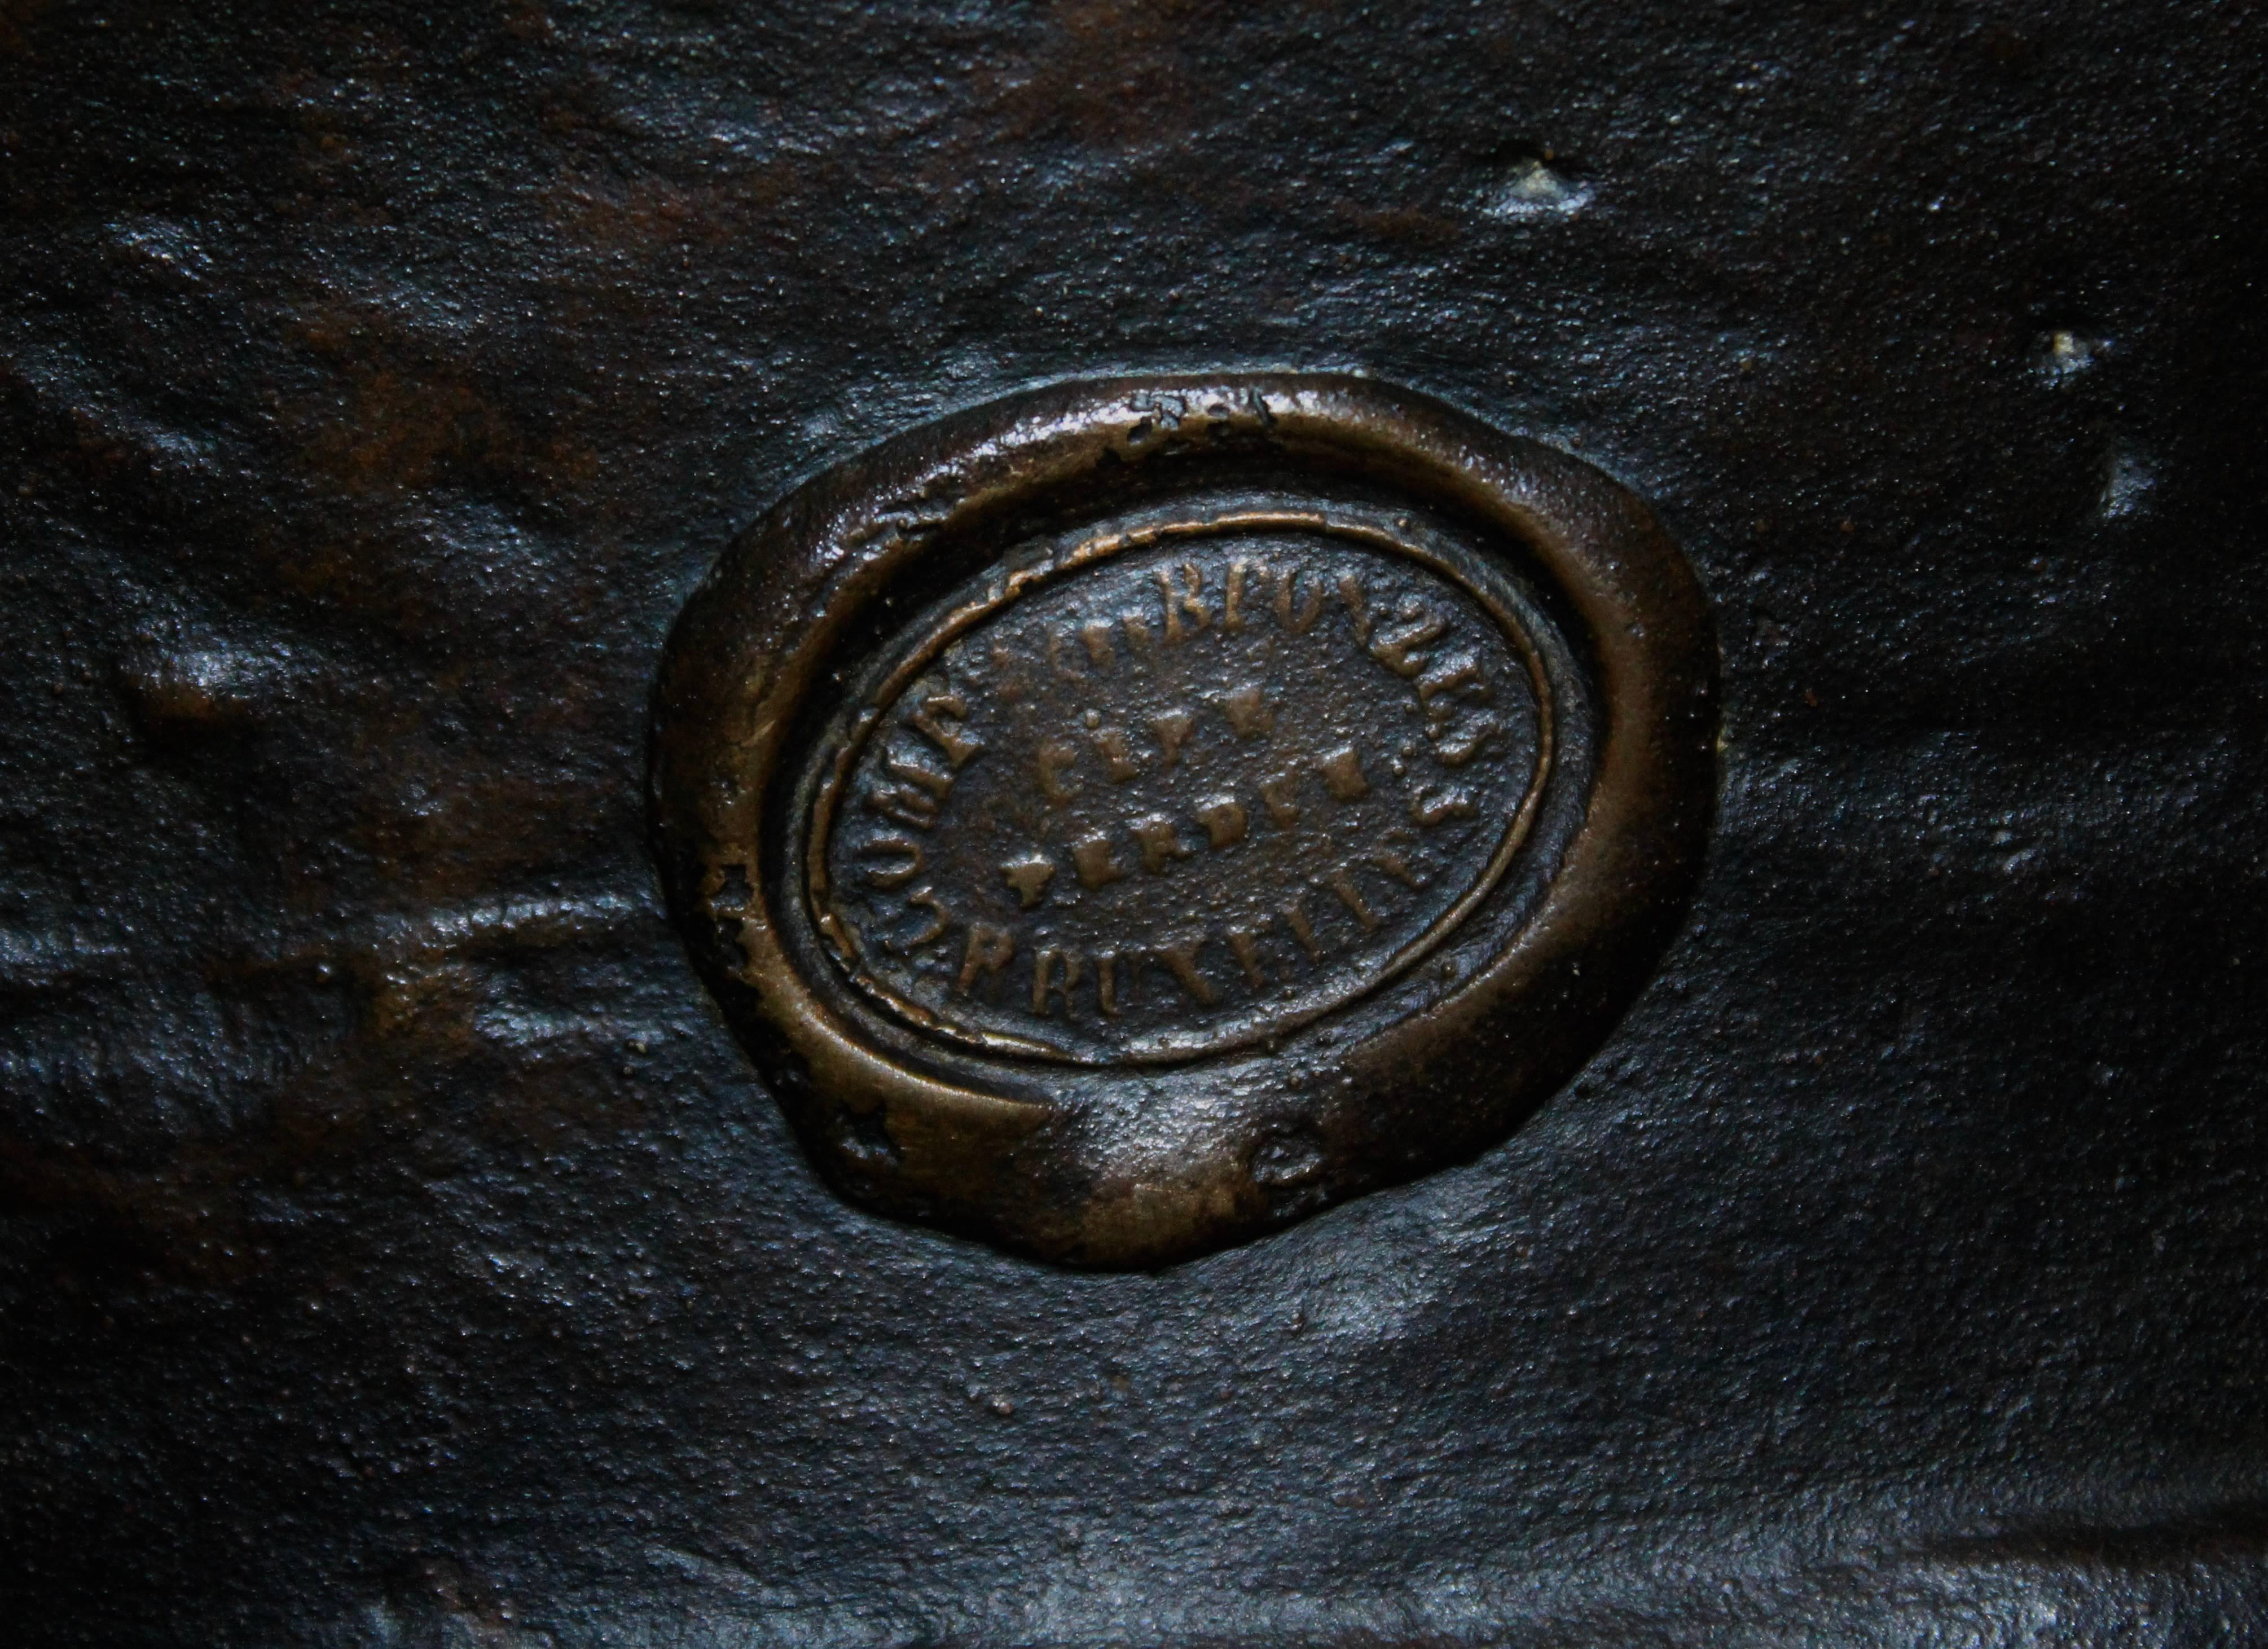 Cachet de fonderie /Foundry